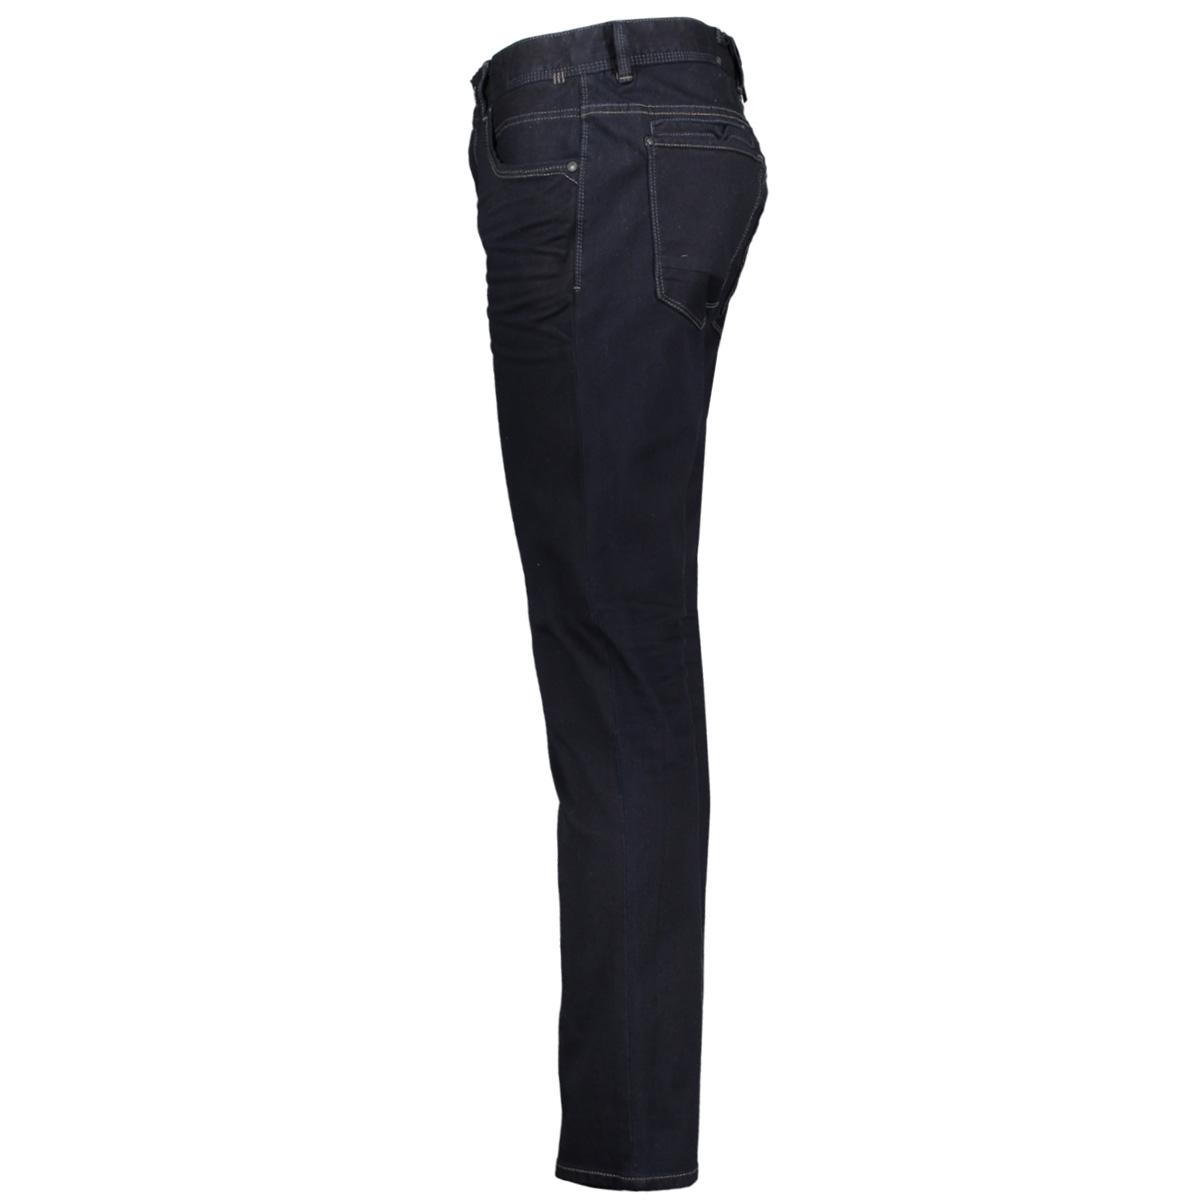 v850 rider vtr850 vanguard jeans dfw